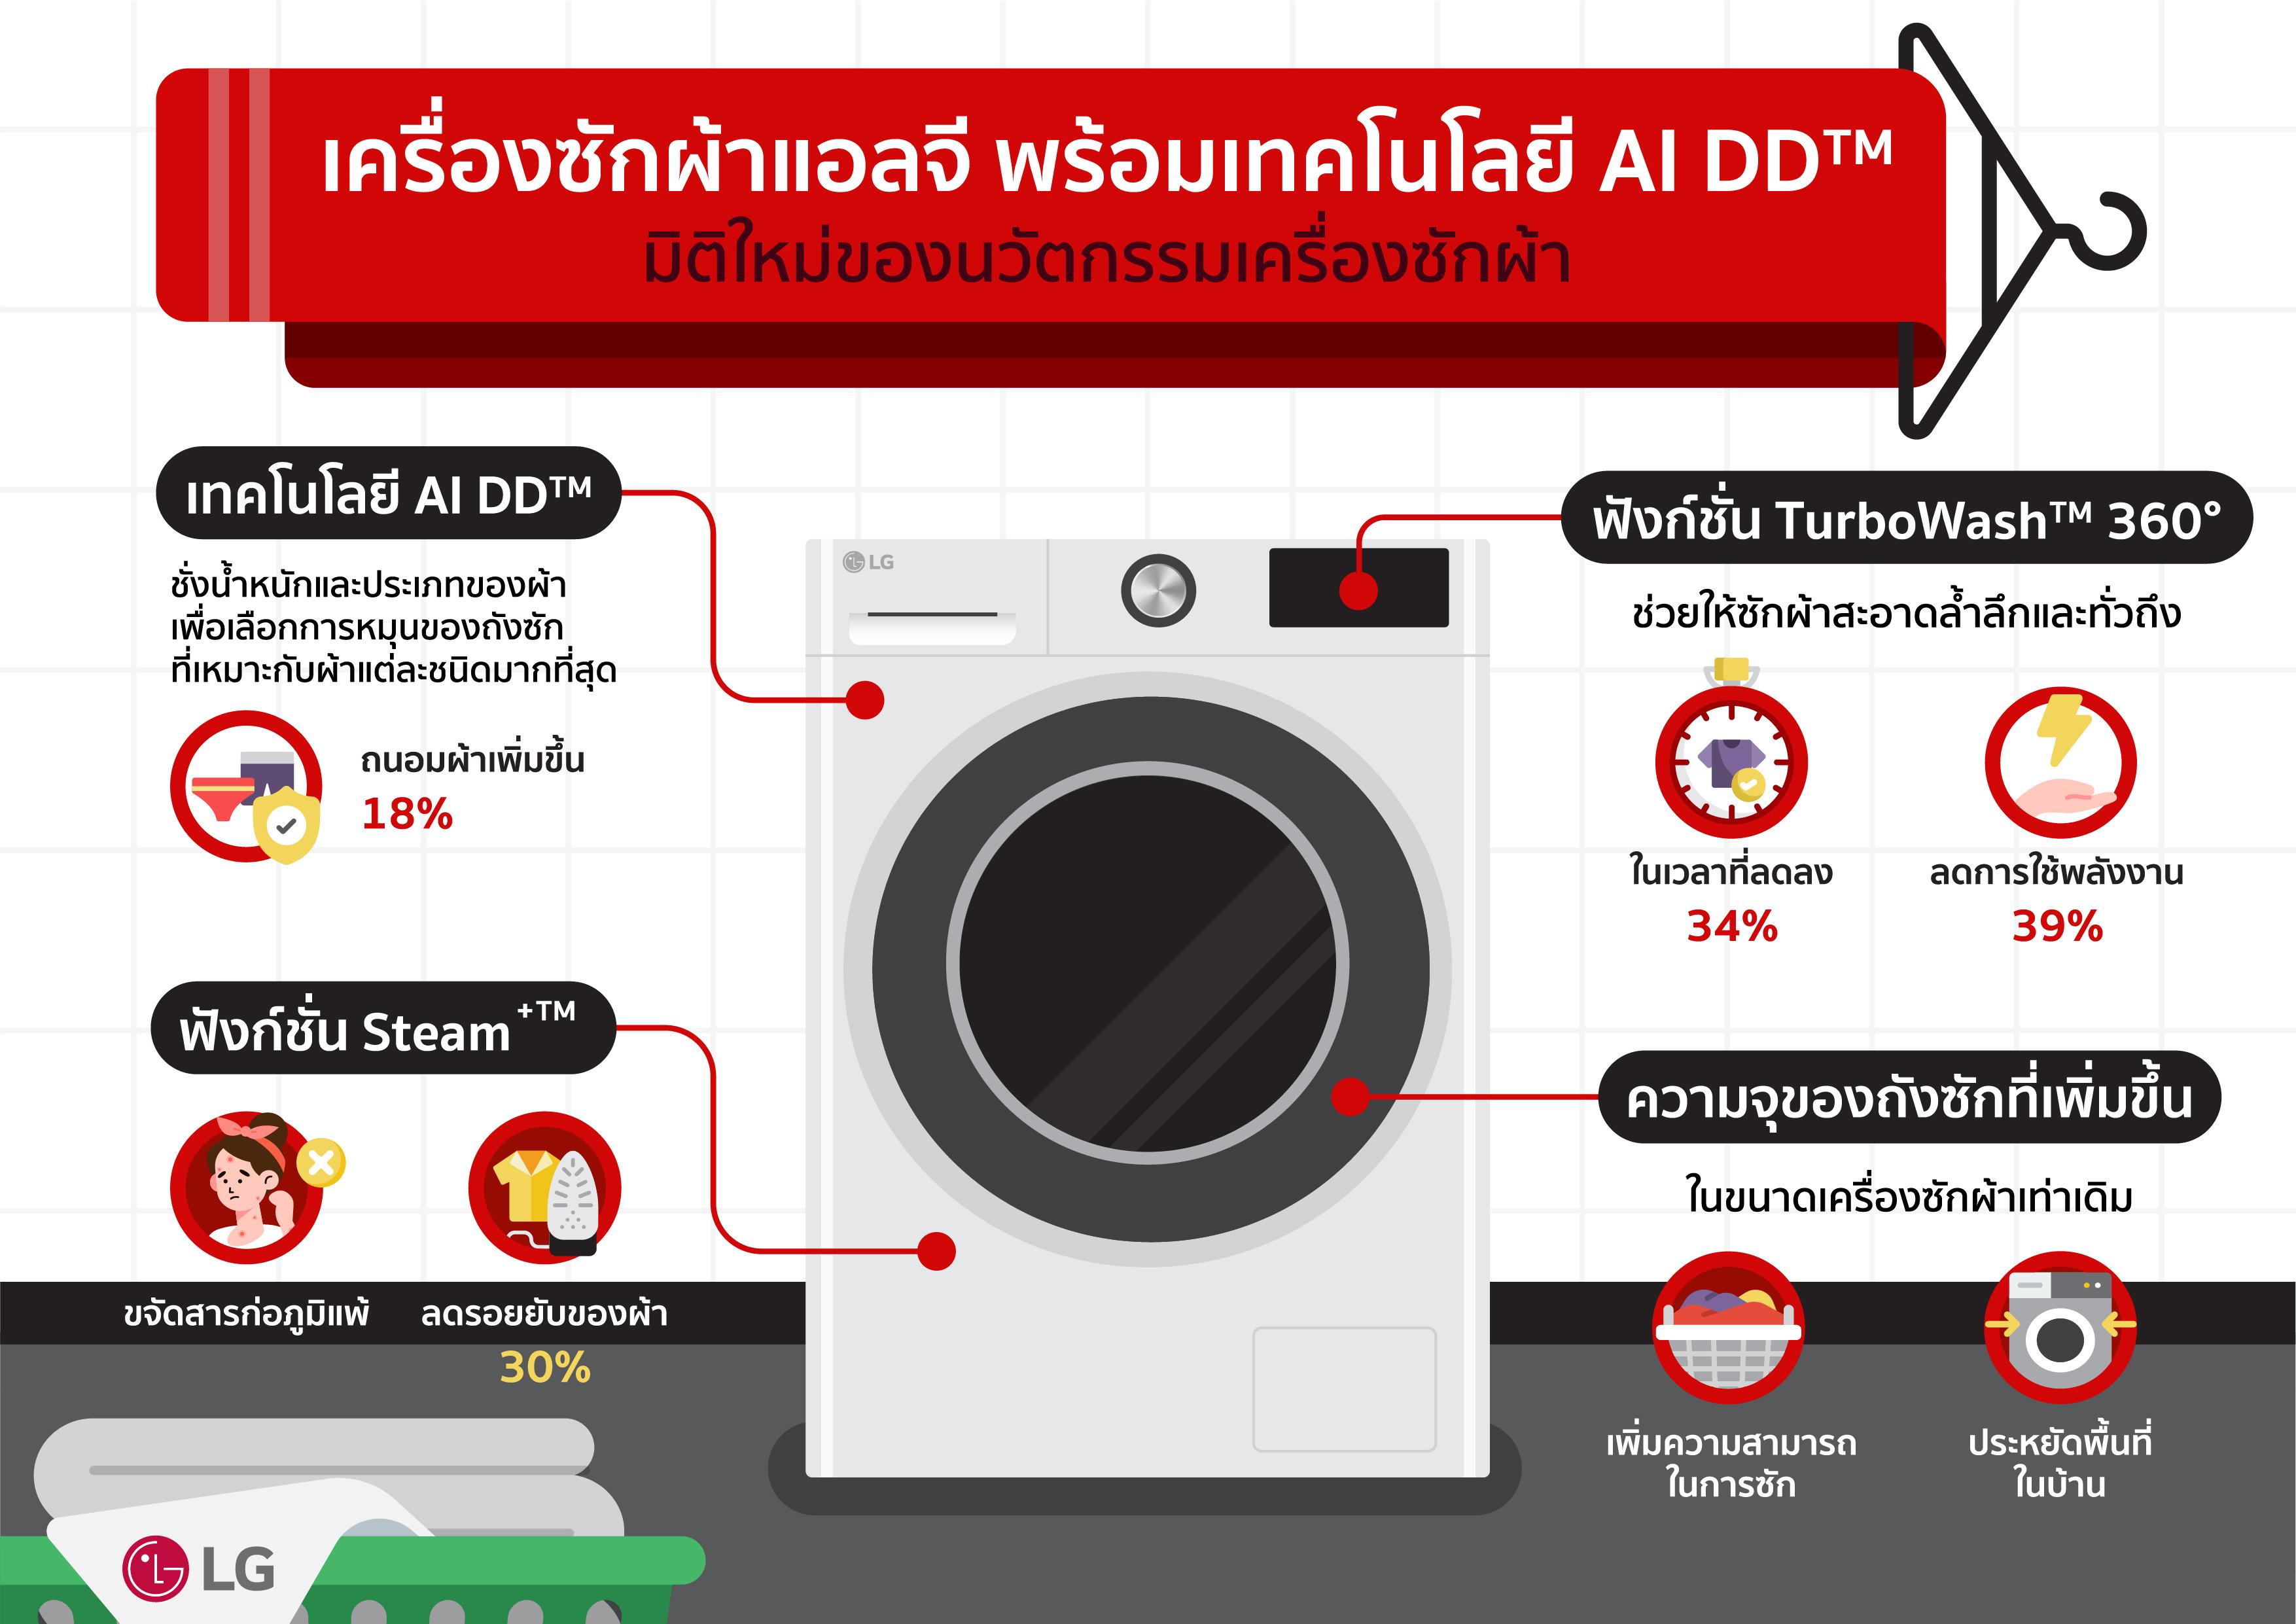 แอลจีโชว์ความล้ำแห่งนวัตกรรมเครื่องซักผ้า เปิดตัวรุ่นใหม่พร้อม AI เสริมประสิทธิภาพการซักล้ำลึก อ่อนโยน รวดเร็วในถังเดียวด้วยเทคโนโลยี AI DD™